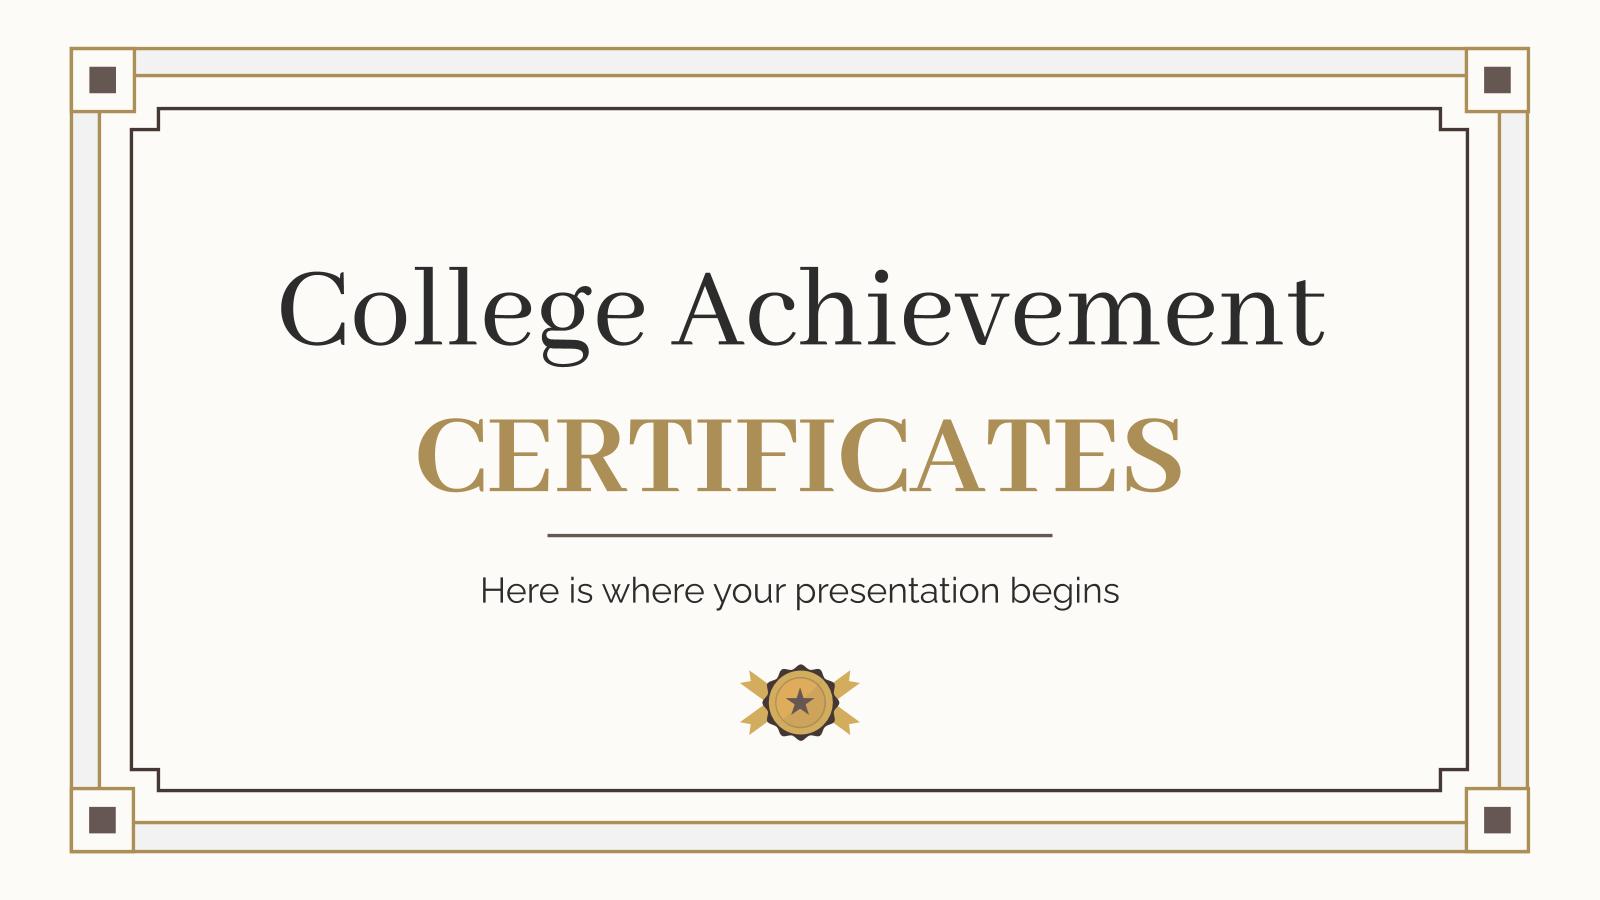 Modelo de apresentação Diplomas da faculdade